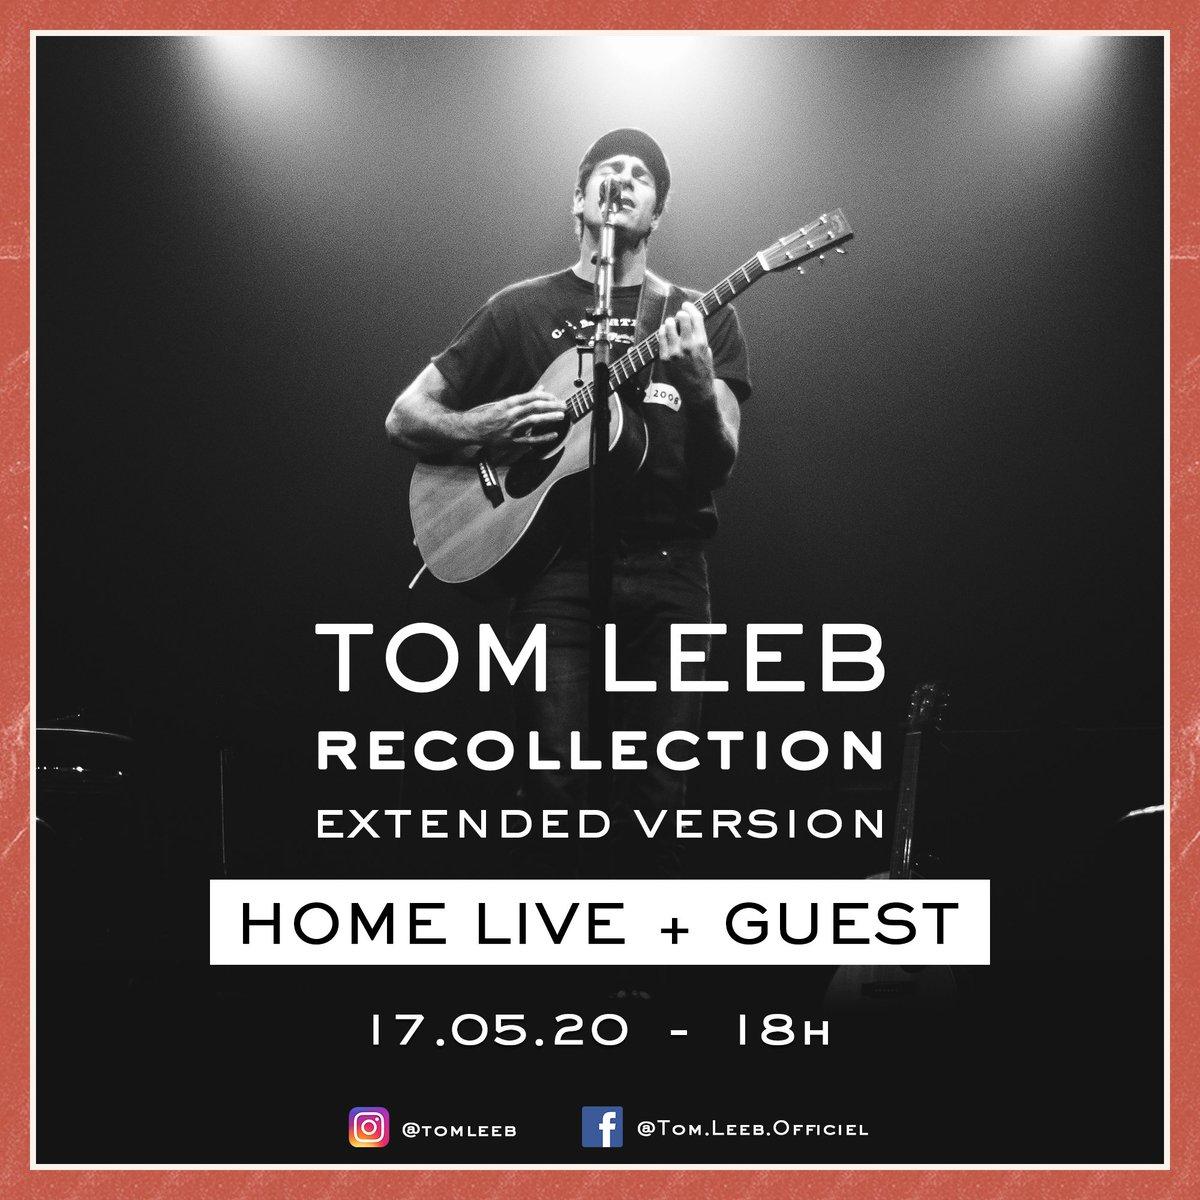 Home live concert à 18h sur Instagram, avec guest surprise !  Je profiterai de cet événement pour vous jouer les titres de la reedition 🙏🏻 #recollection #àtoutàlheure https://t.co/FrskaFOIJm